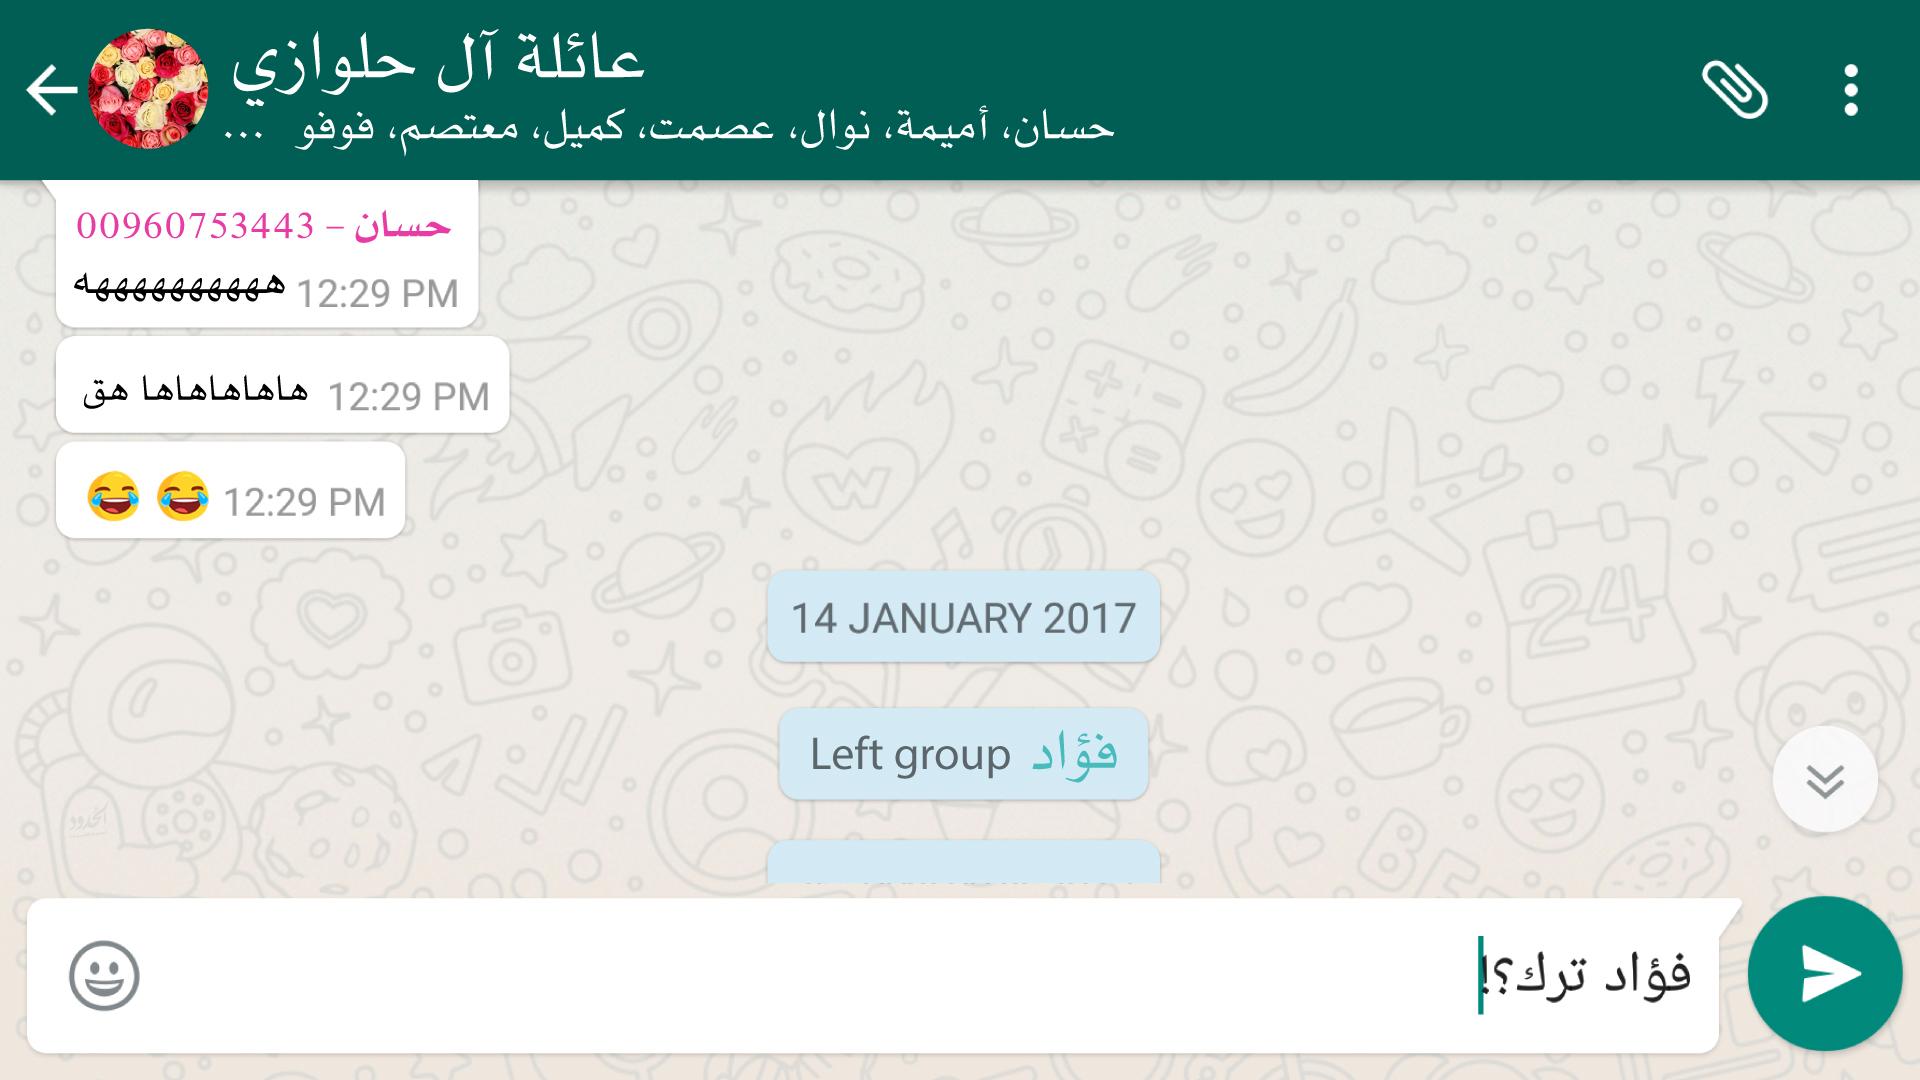 صورة شاب متمرد يغادر جروب عائلته على تطبيق واتساب